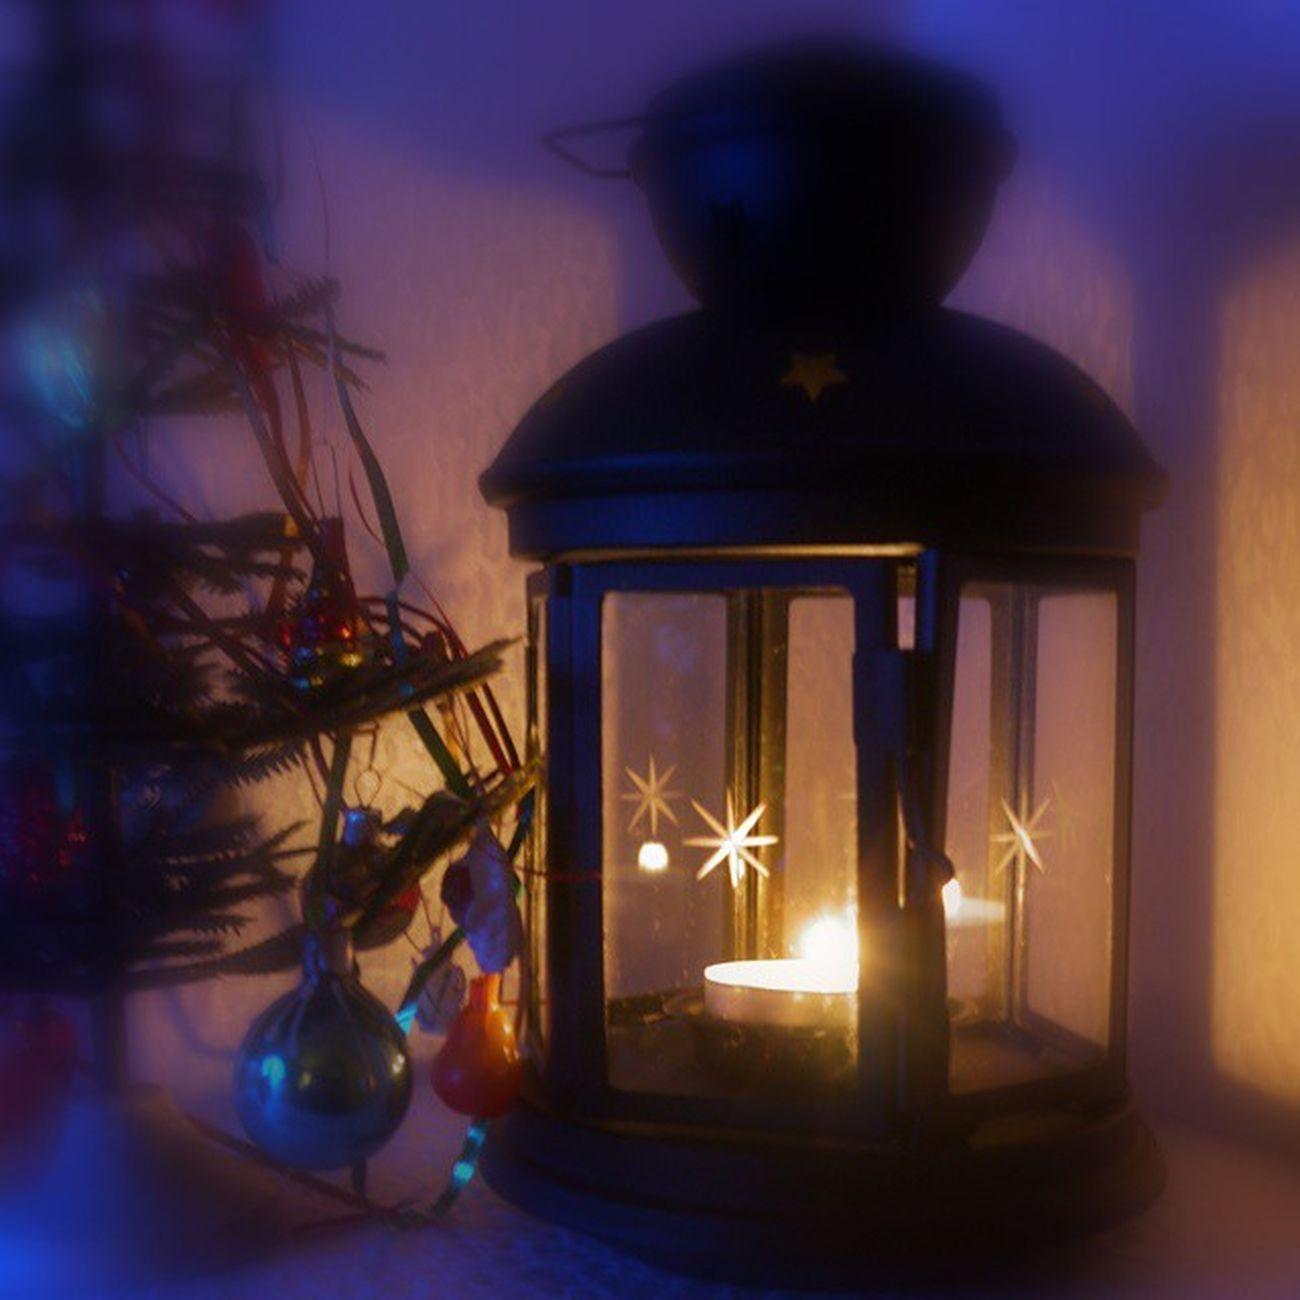 Нероссийский сегмент ИГ уже вовсю постит рождественско- новогодние фото, хотя до праздников еще три недели. Что ж, добавлю свои пять копеек в дело создания предпраздничной атмосферы. новыйгод рождество ёлка фонарь икеа омск сибирь зима Newyearday NewYear Christmas Lantern Light IKEA Omsk Siberia